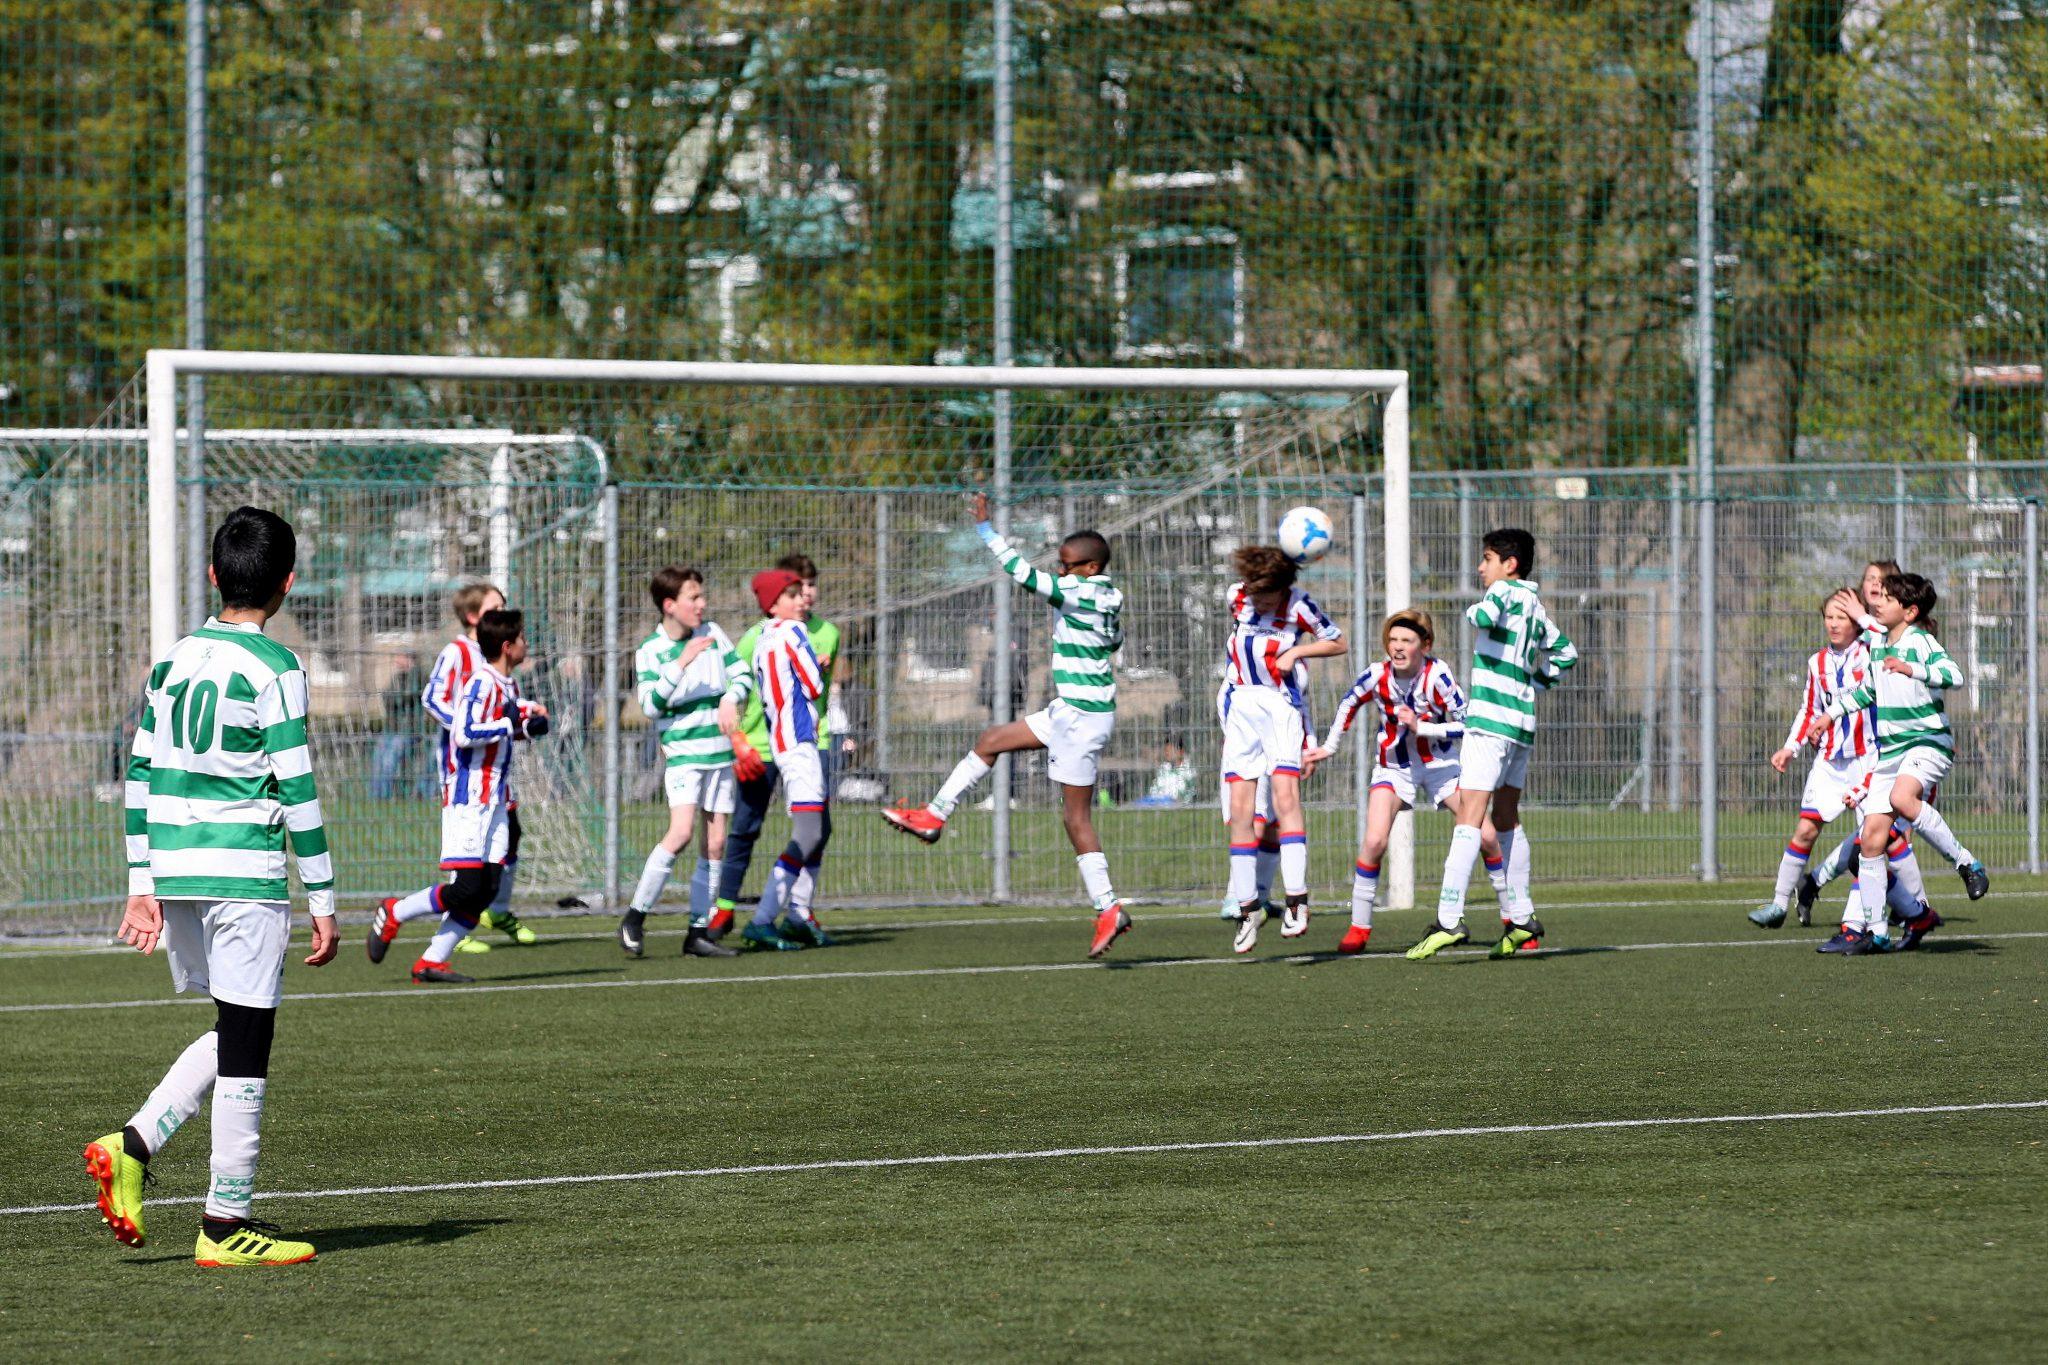 Regiocup wedstrijden voor JO8 t/m JO18 teams